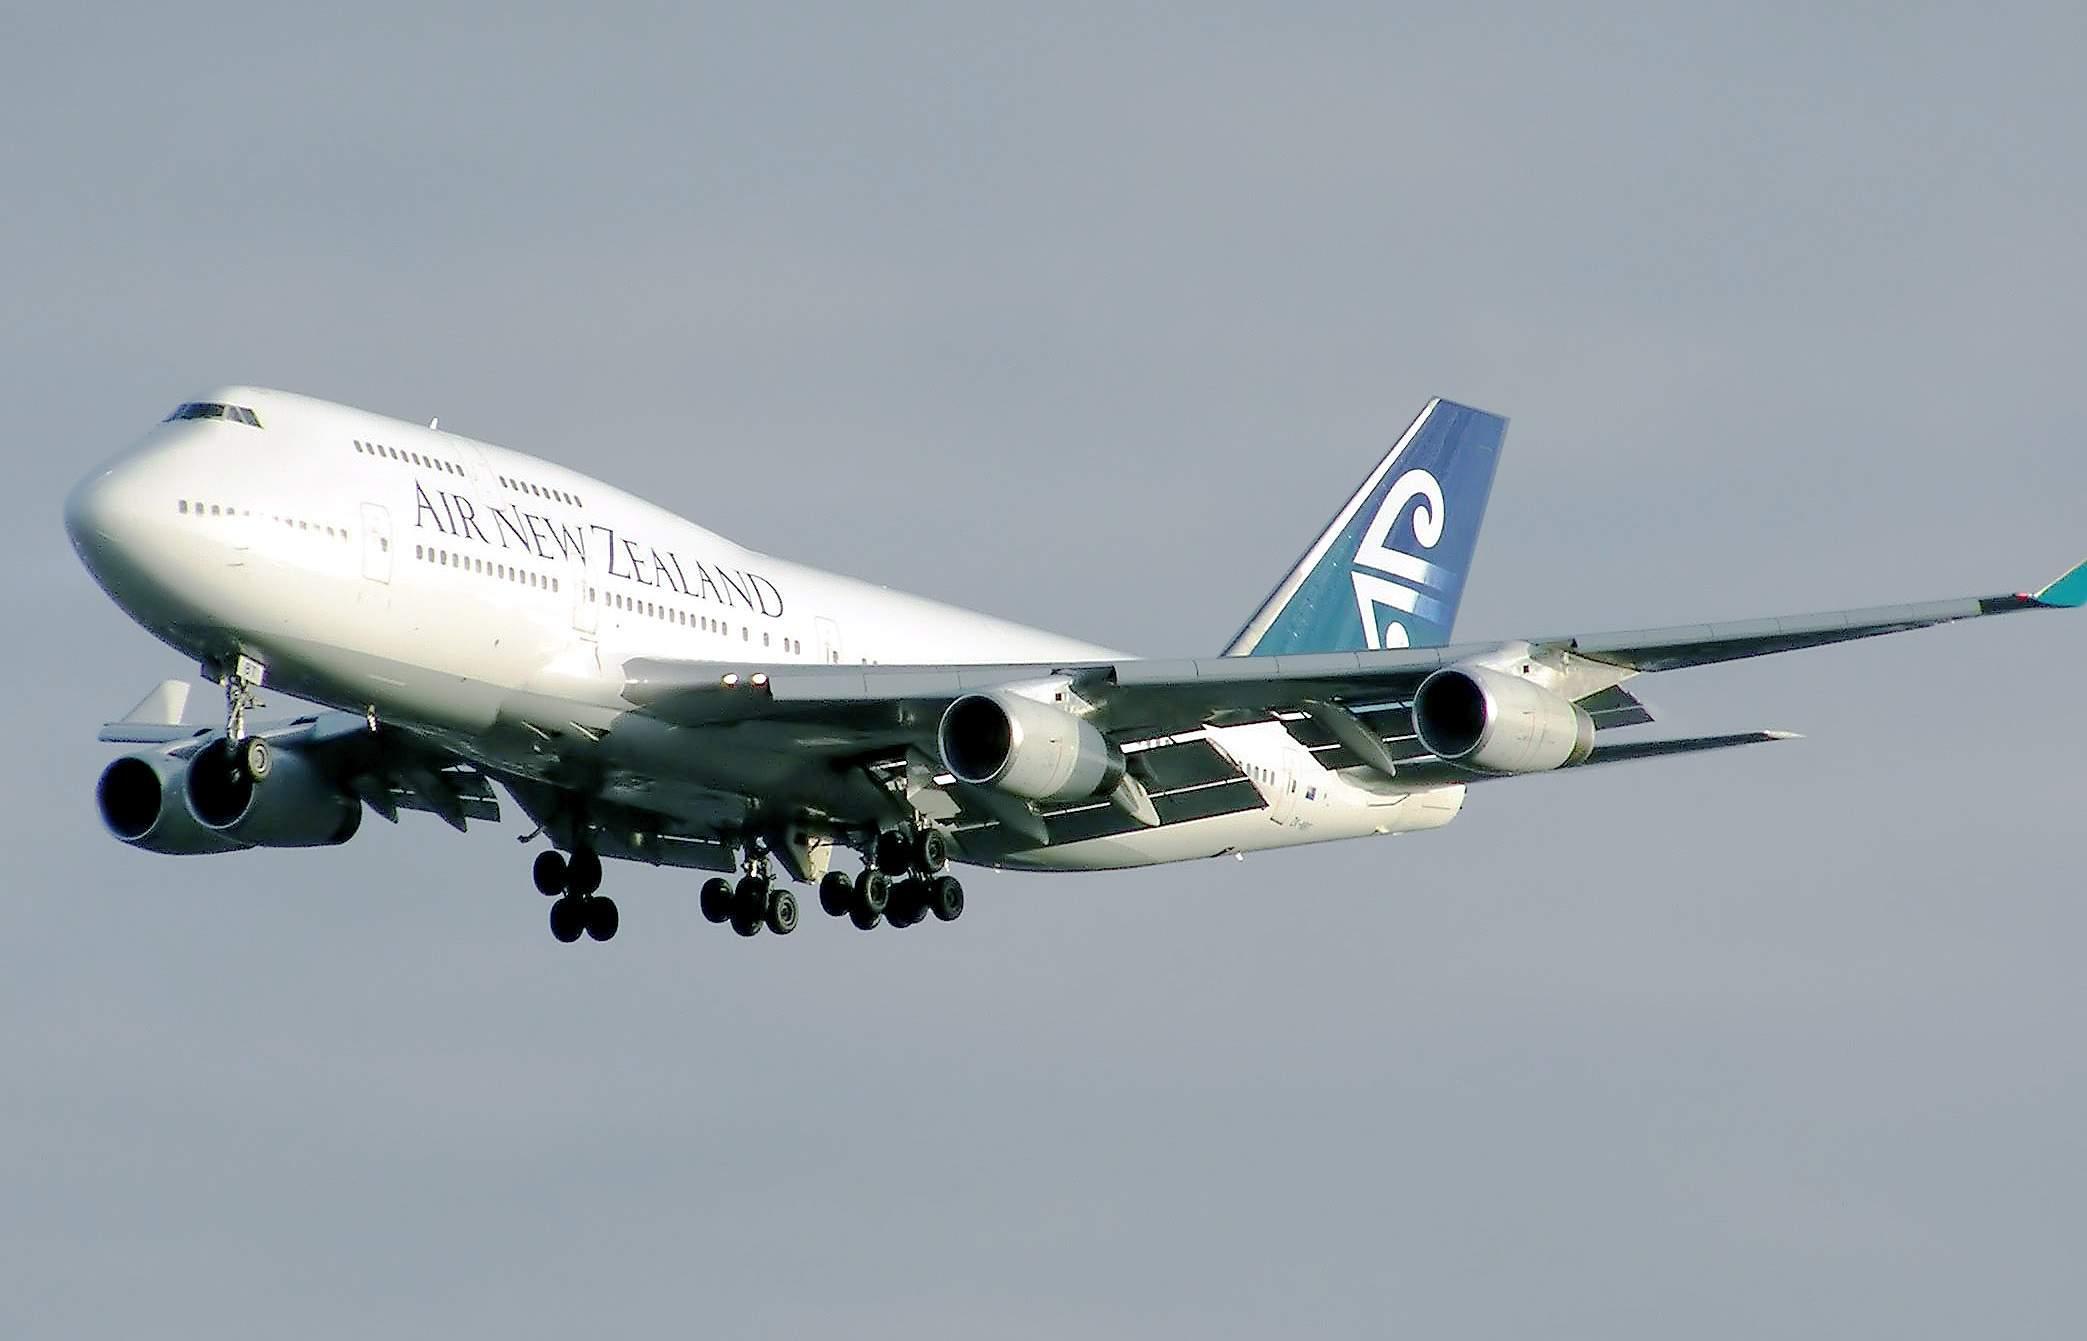 Az Air New Zealand egyik Boeing 747-400-asa földetérés előtt. (Forrás: Wikimédia - Arpingstone)   © AIRportal.hu